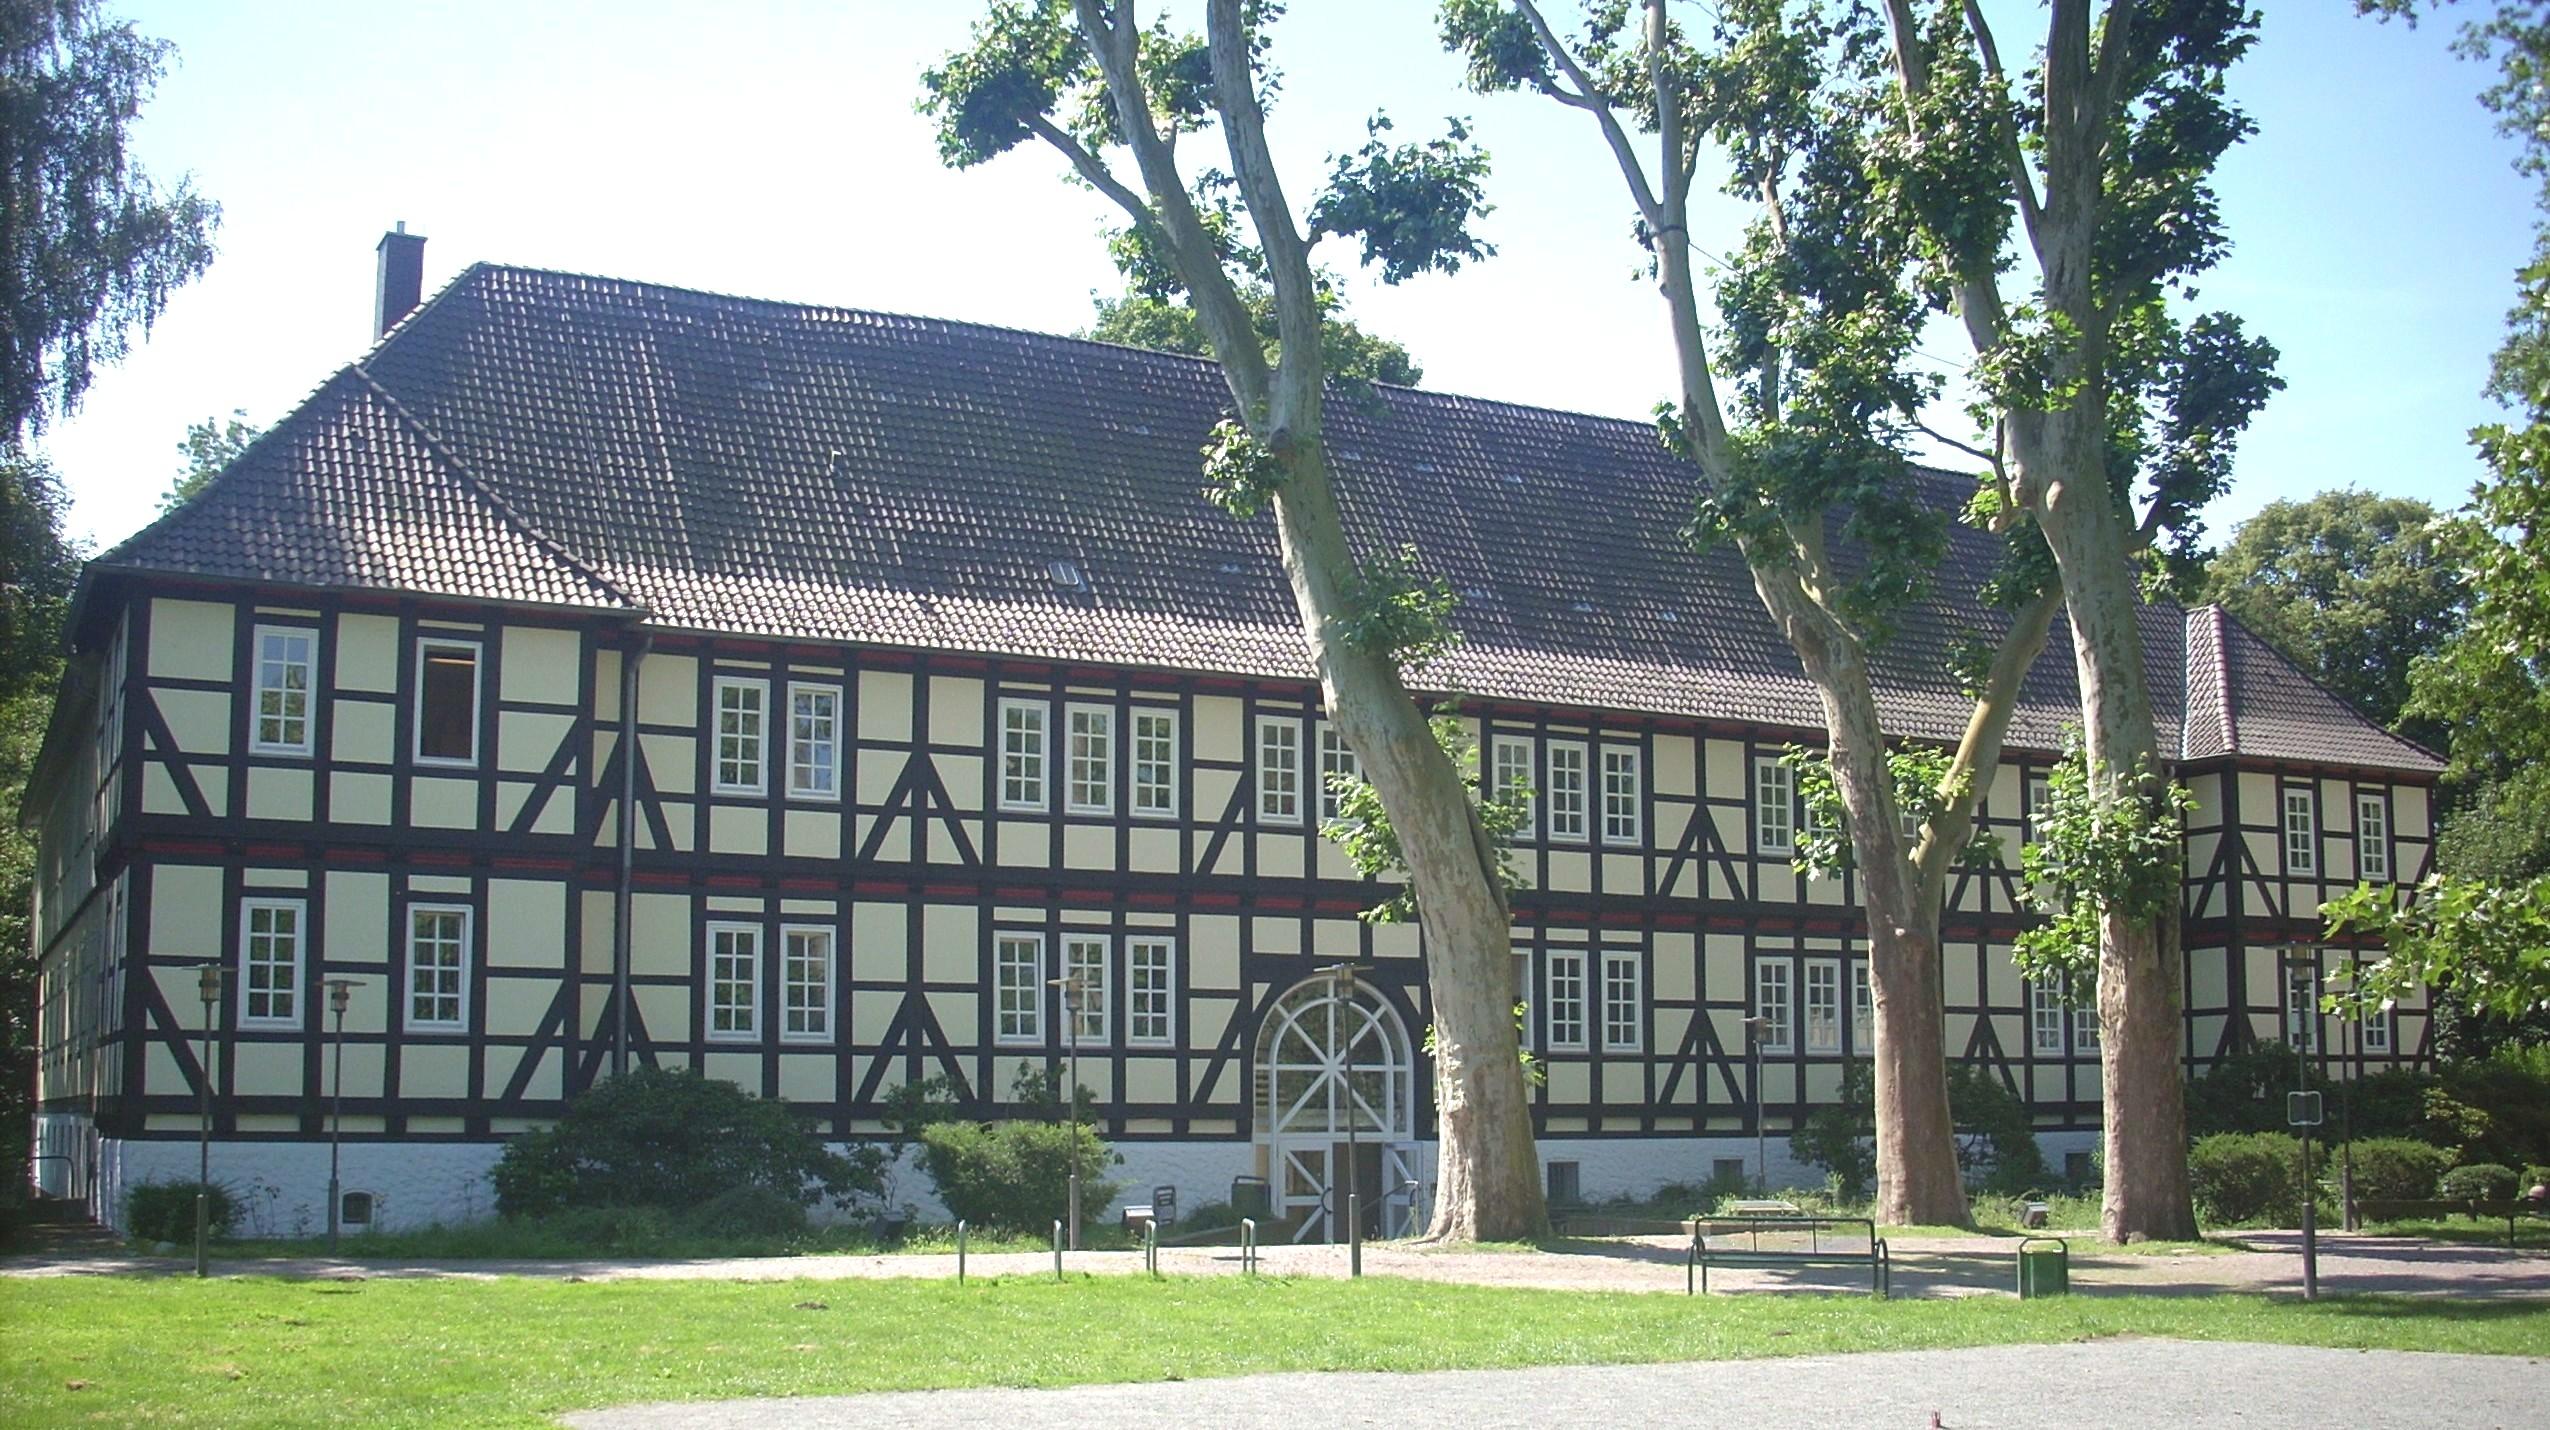 Bild von Burgdorf (Region Hannover): <center>Schloss</center>